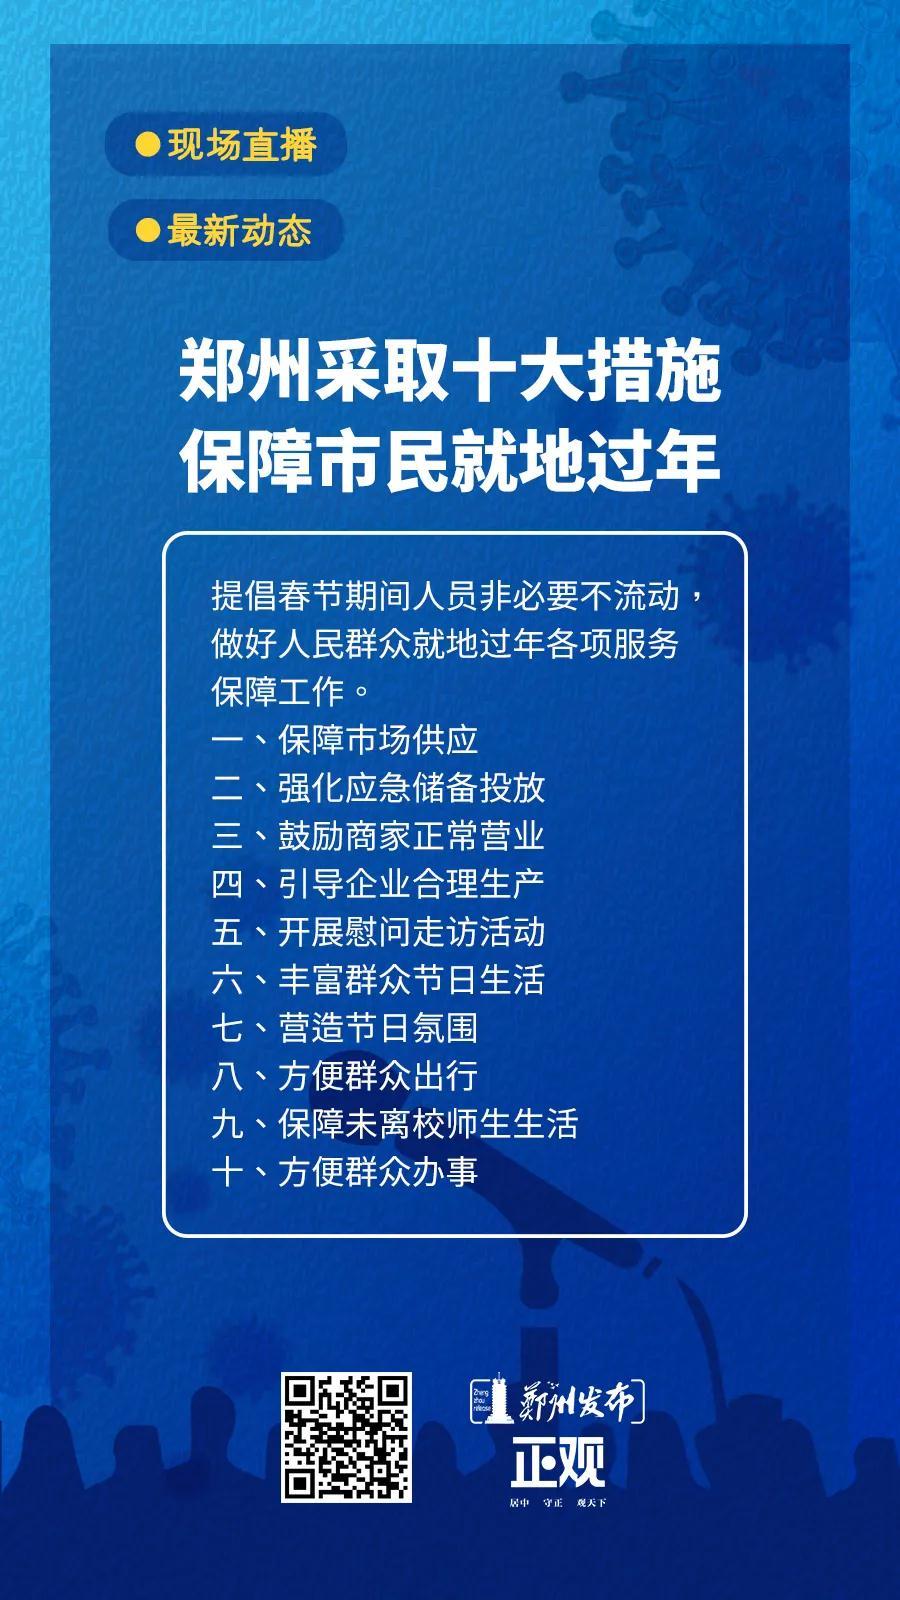 郑州采取十大措施保障市民就地过年